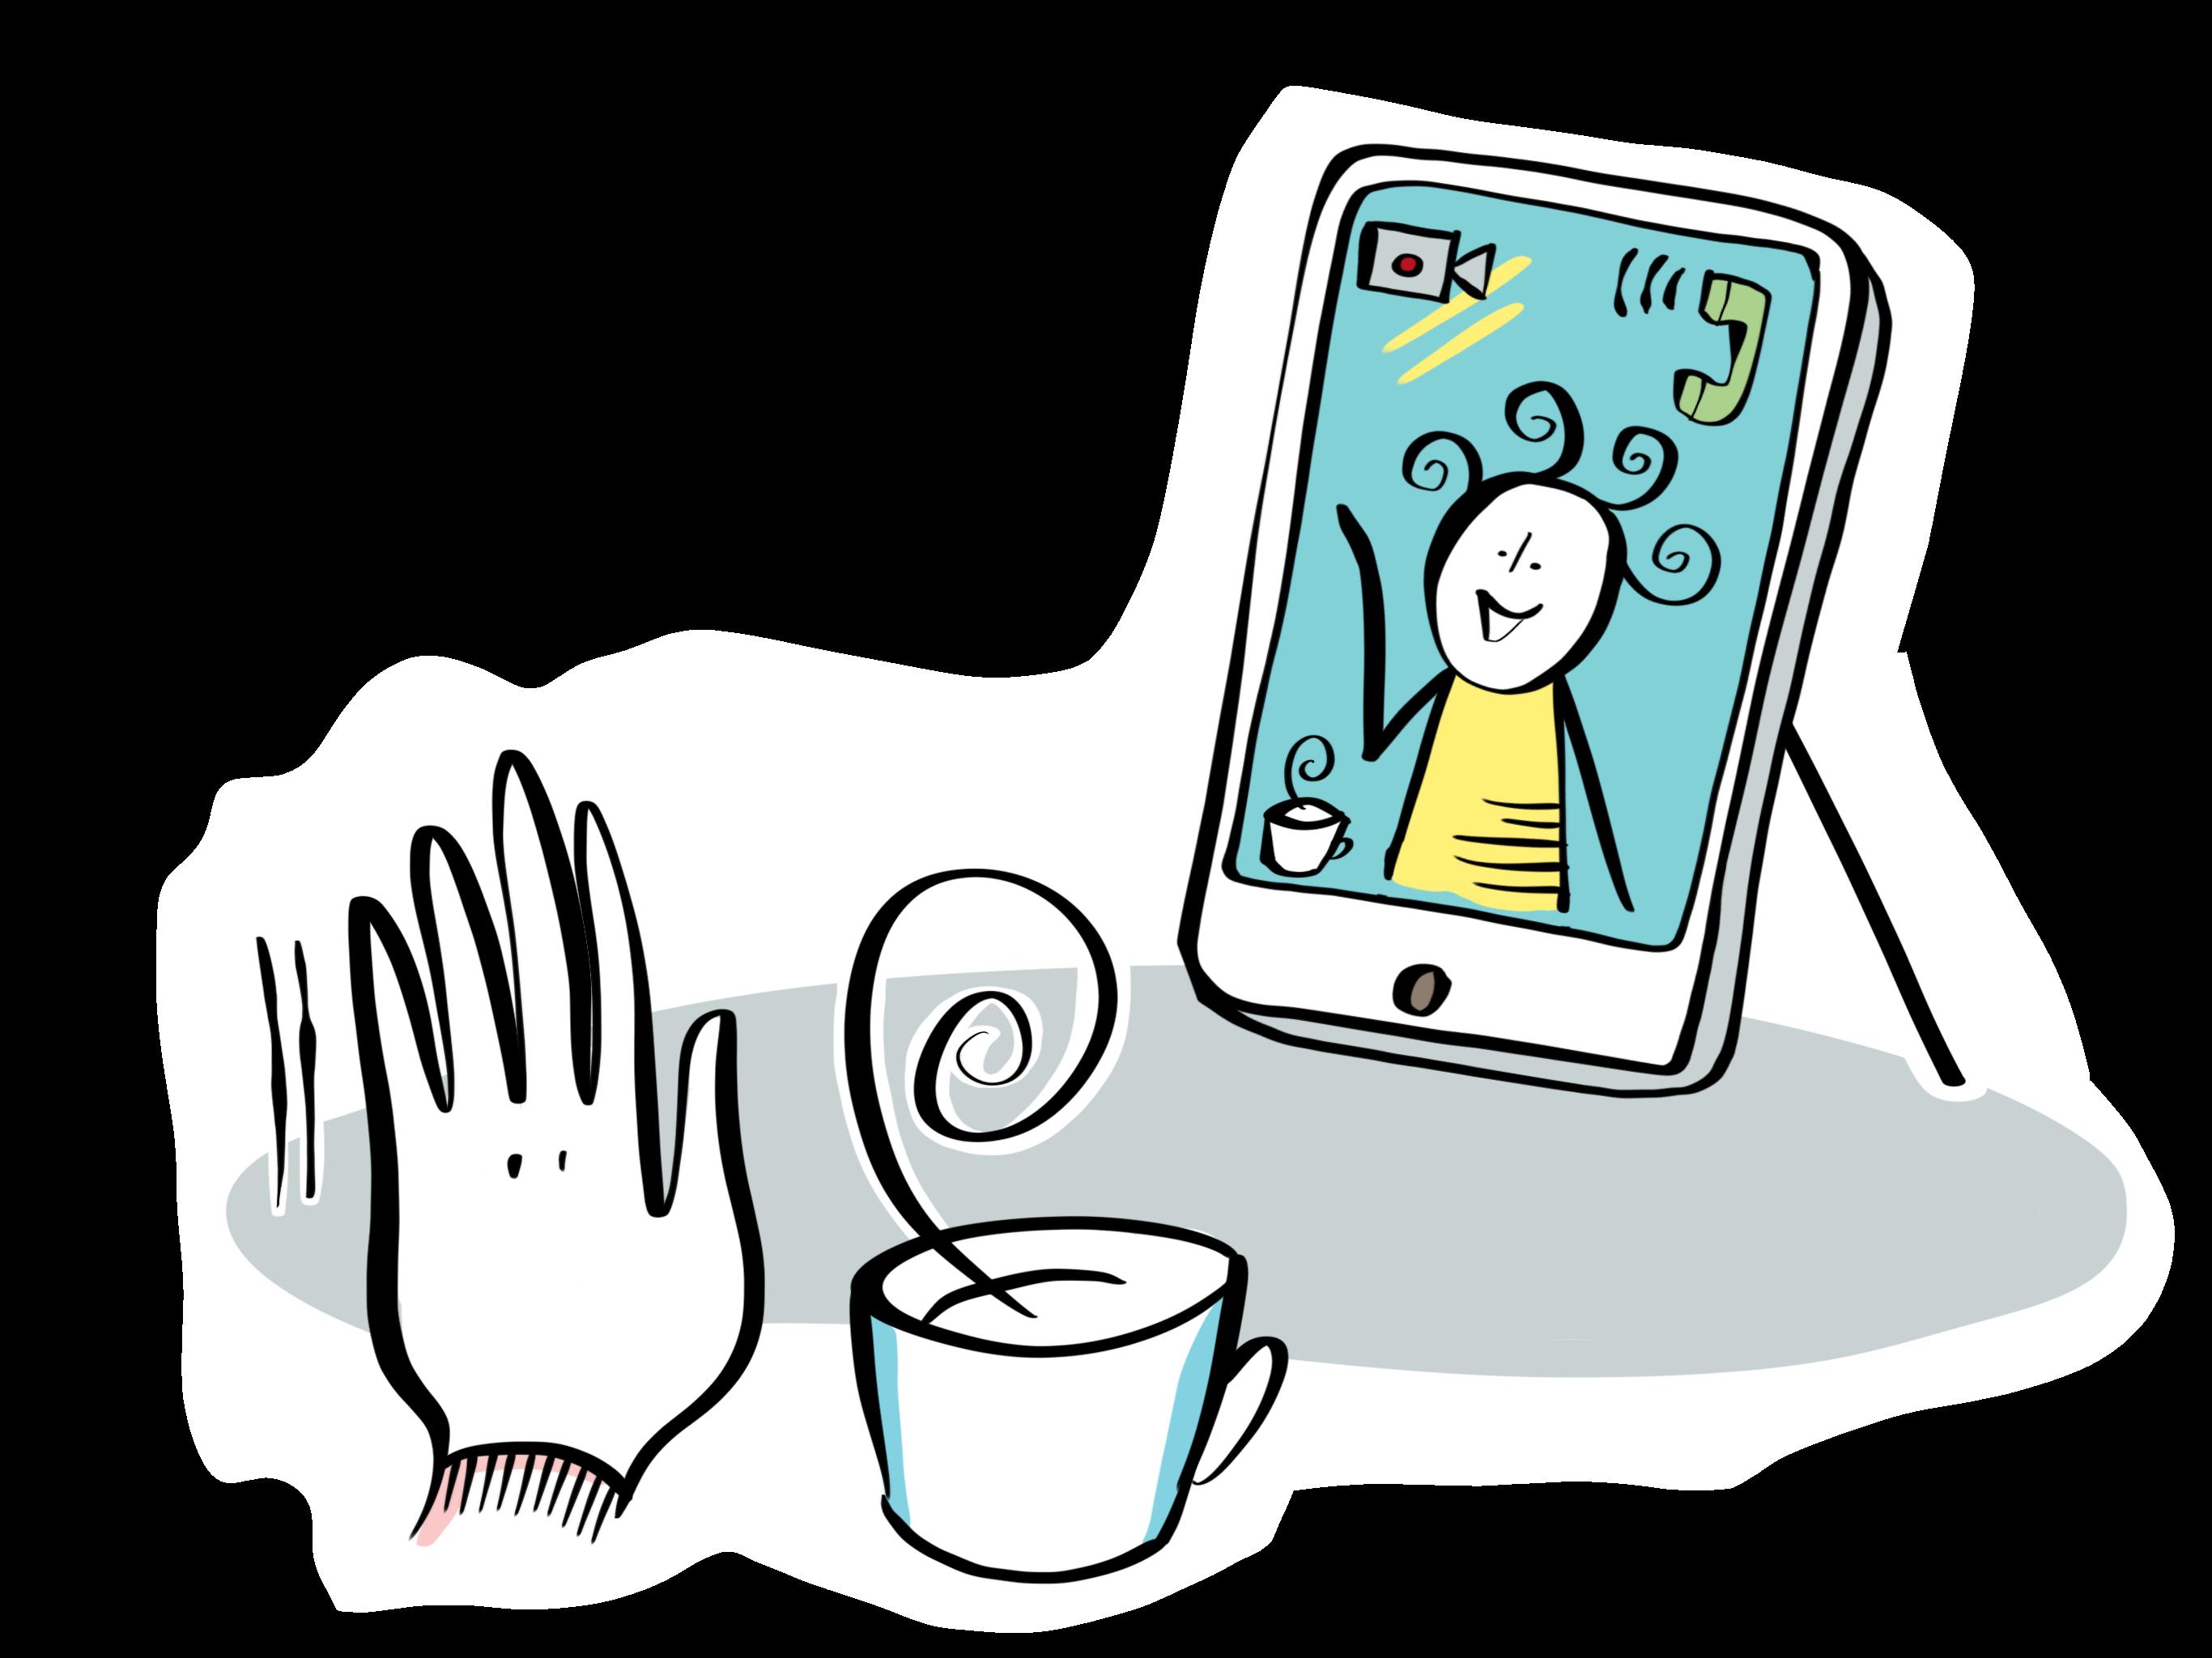 Tecknad hand som vinkar i ett videosamtal